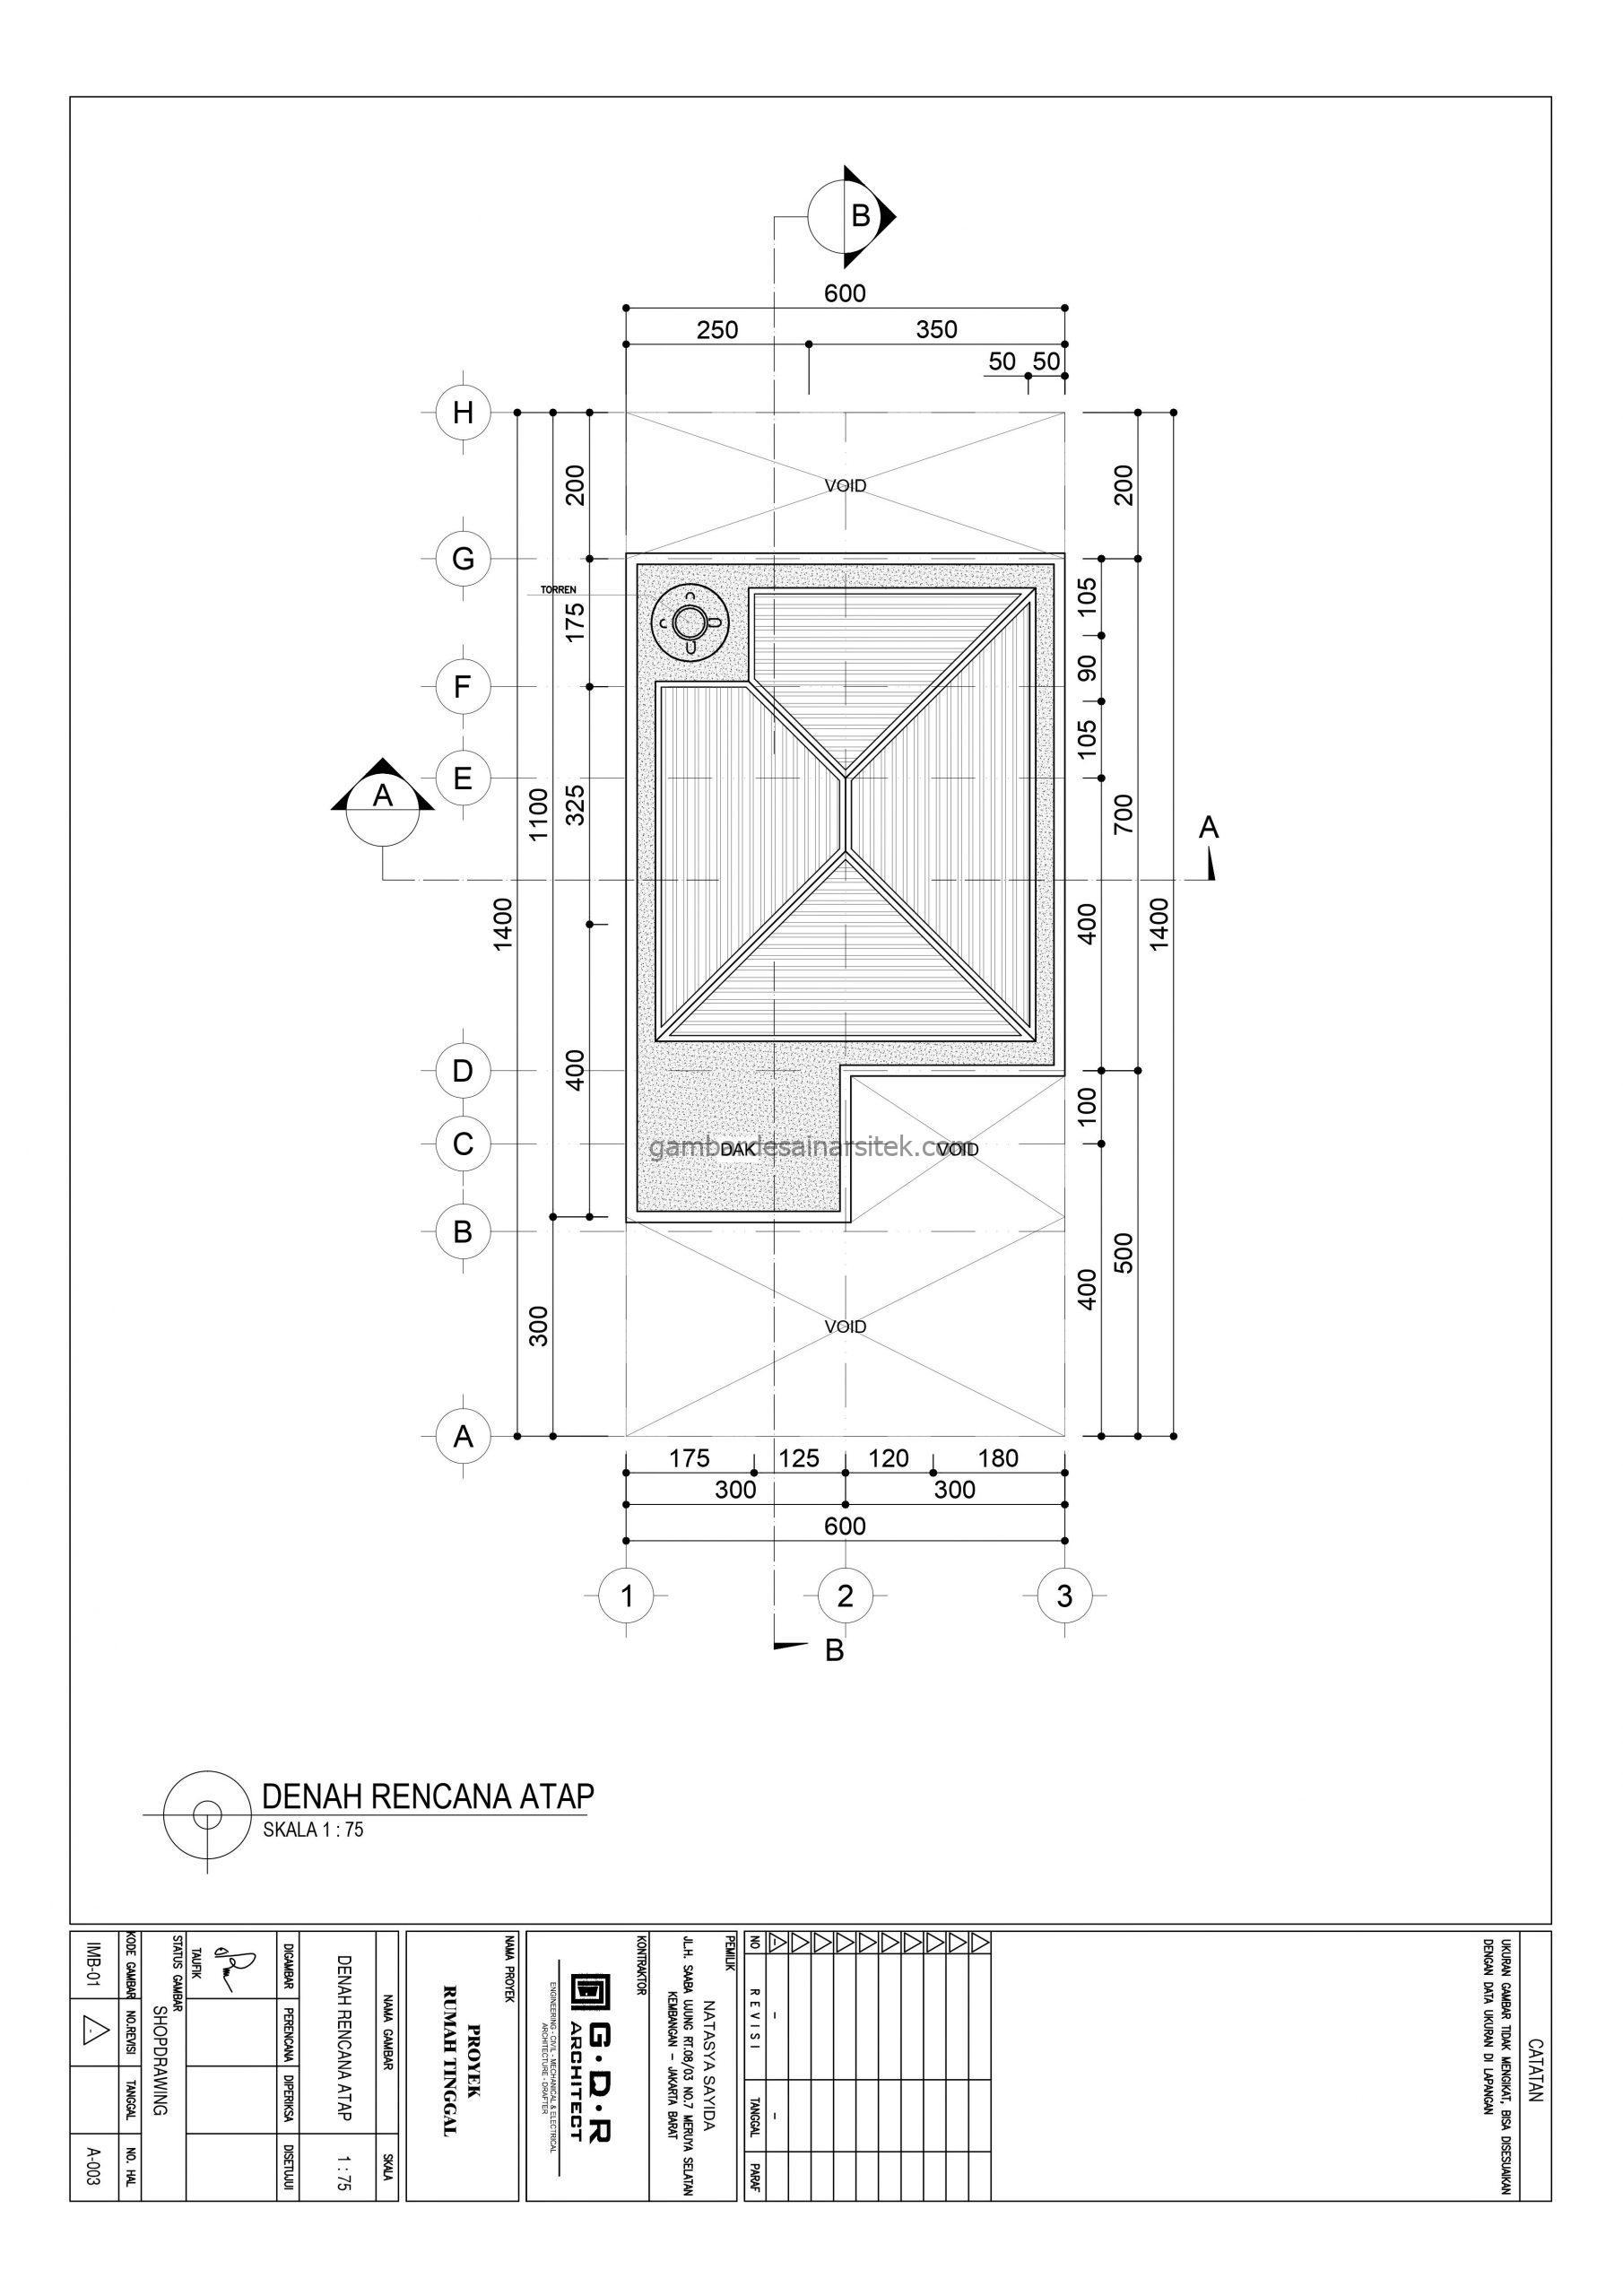 denah atap gambar desain rumah 2 lantai 6x14 5 scaled